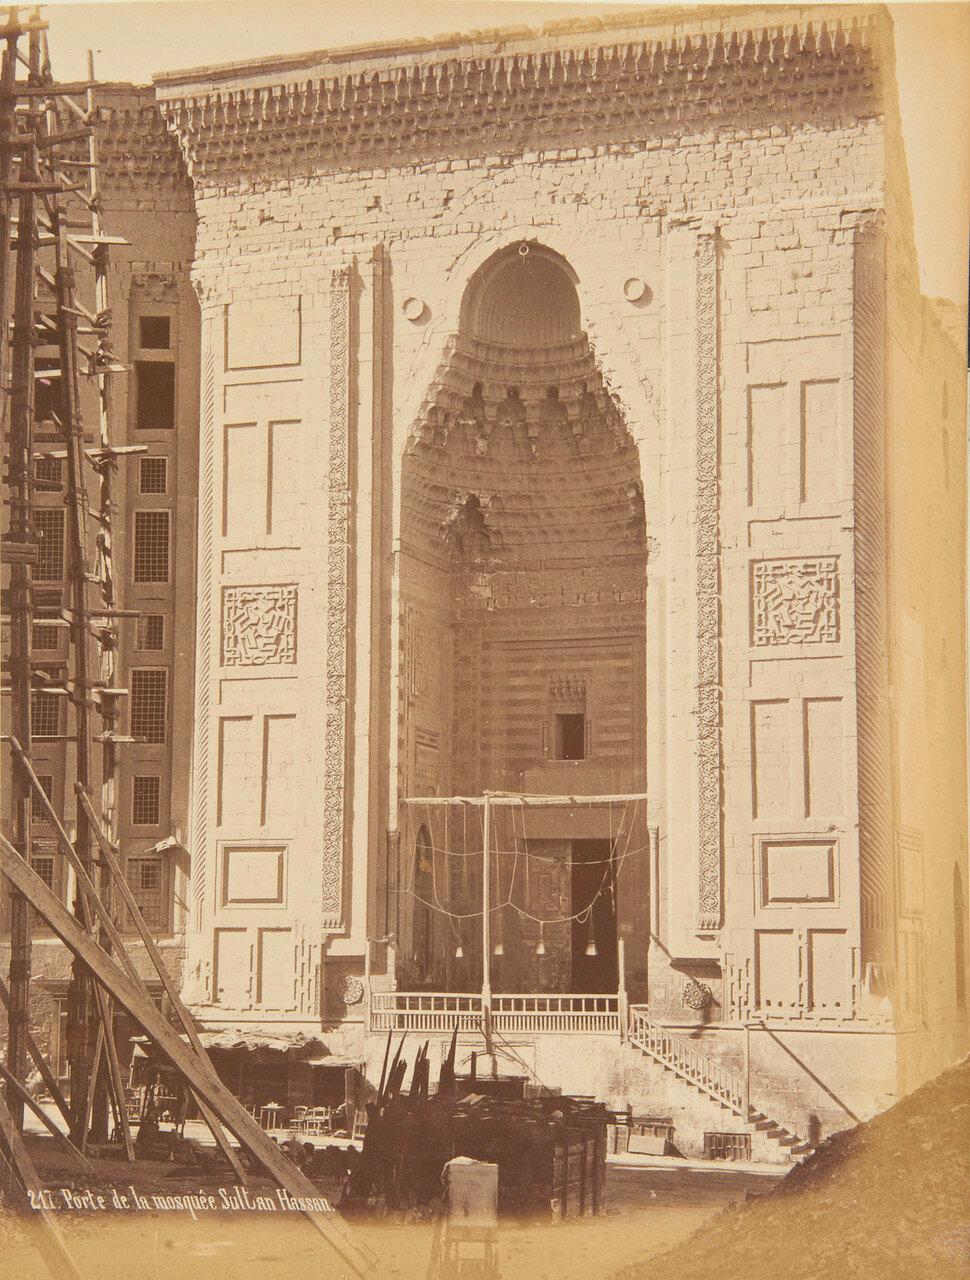 Каир. Мечеть султана Хасана в Каире, с куполом и двумя минаретами